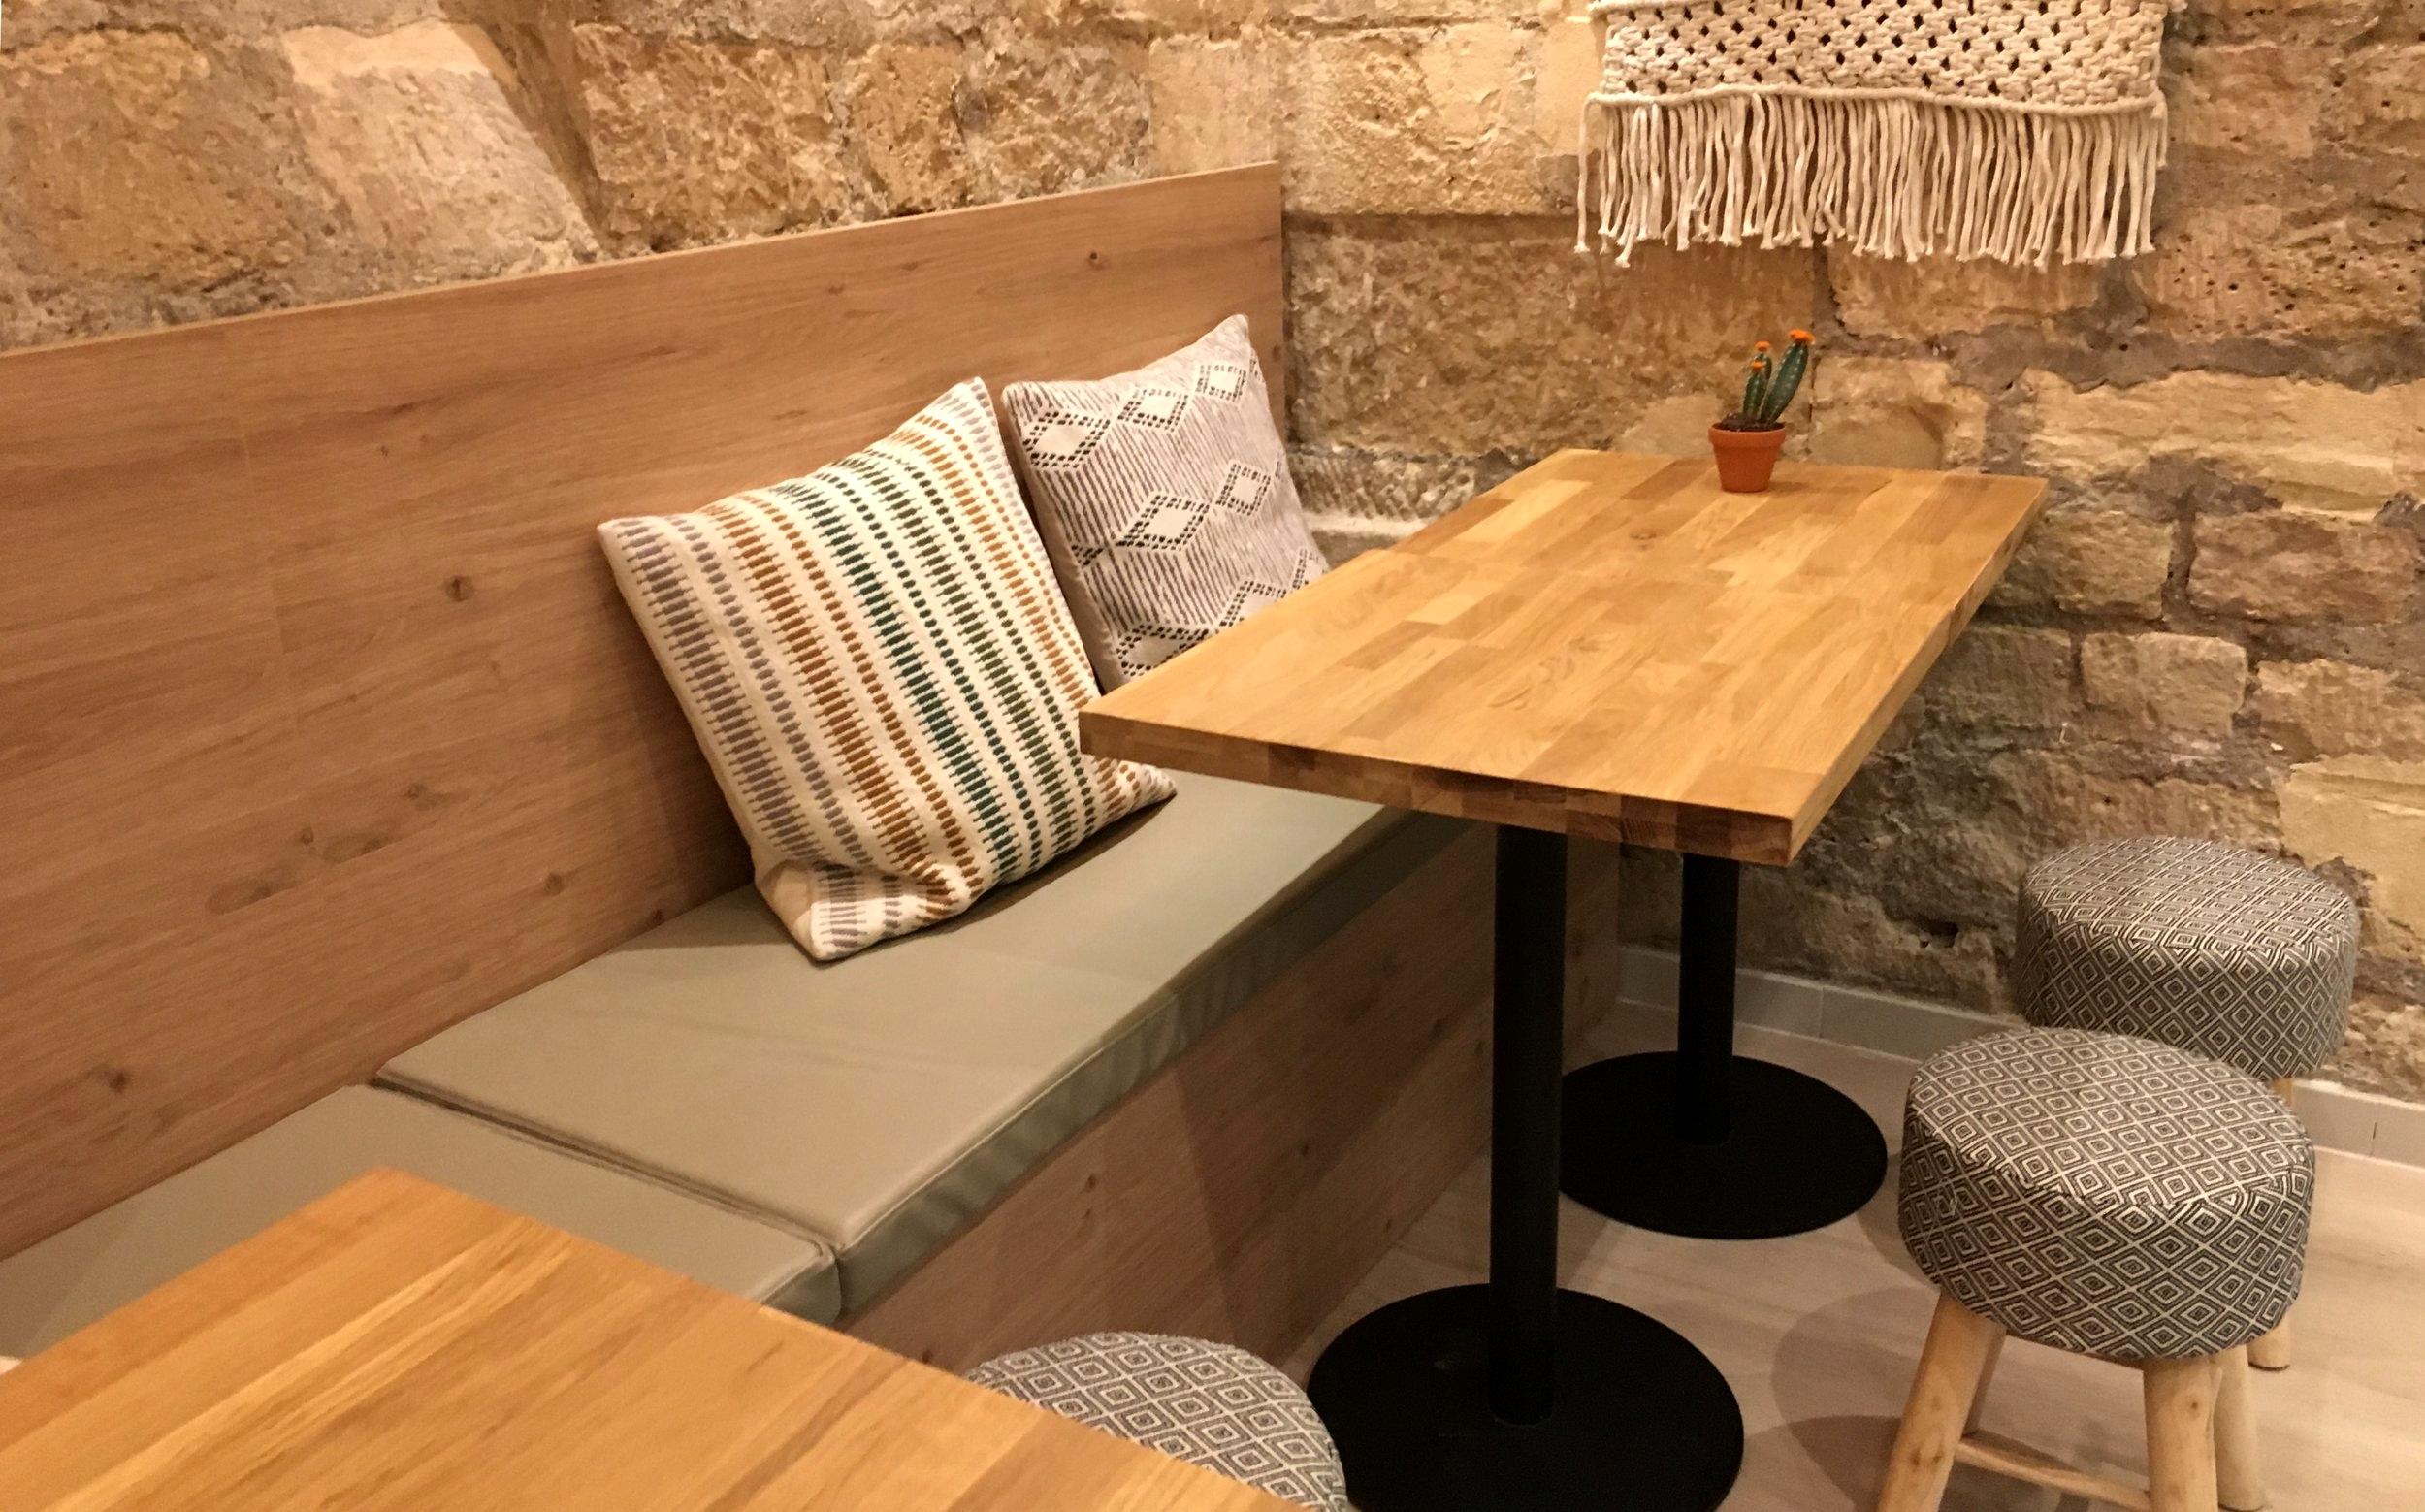 Banquette en similicuir sur-mesure réalisée par Adjamée Concept pour le restaurant Mikuna.